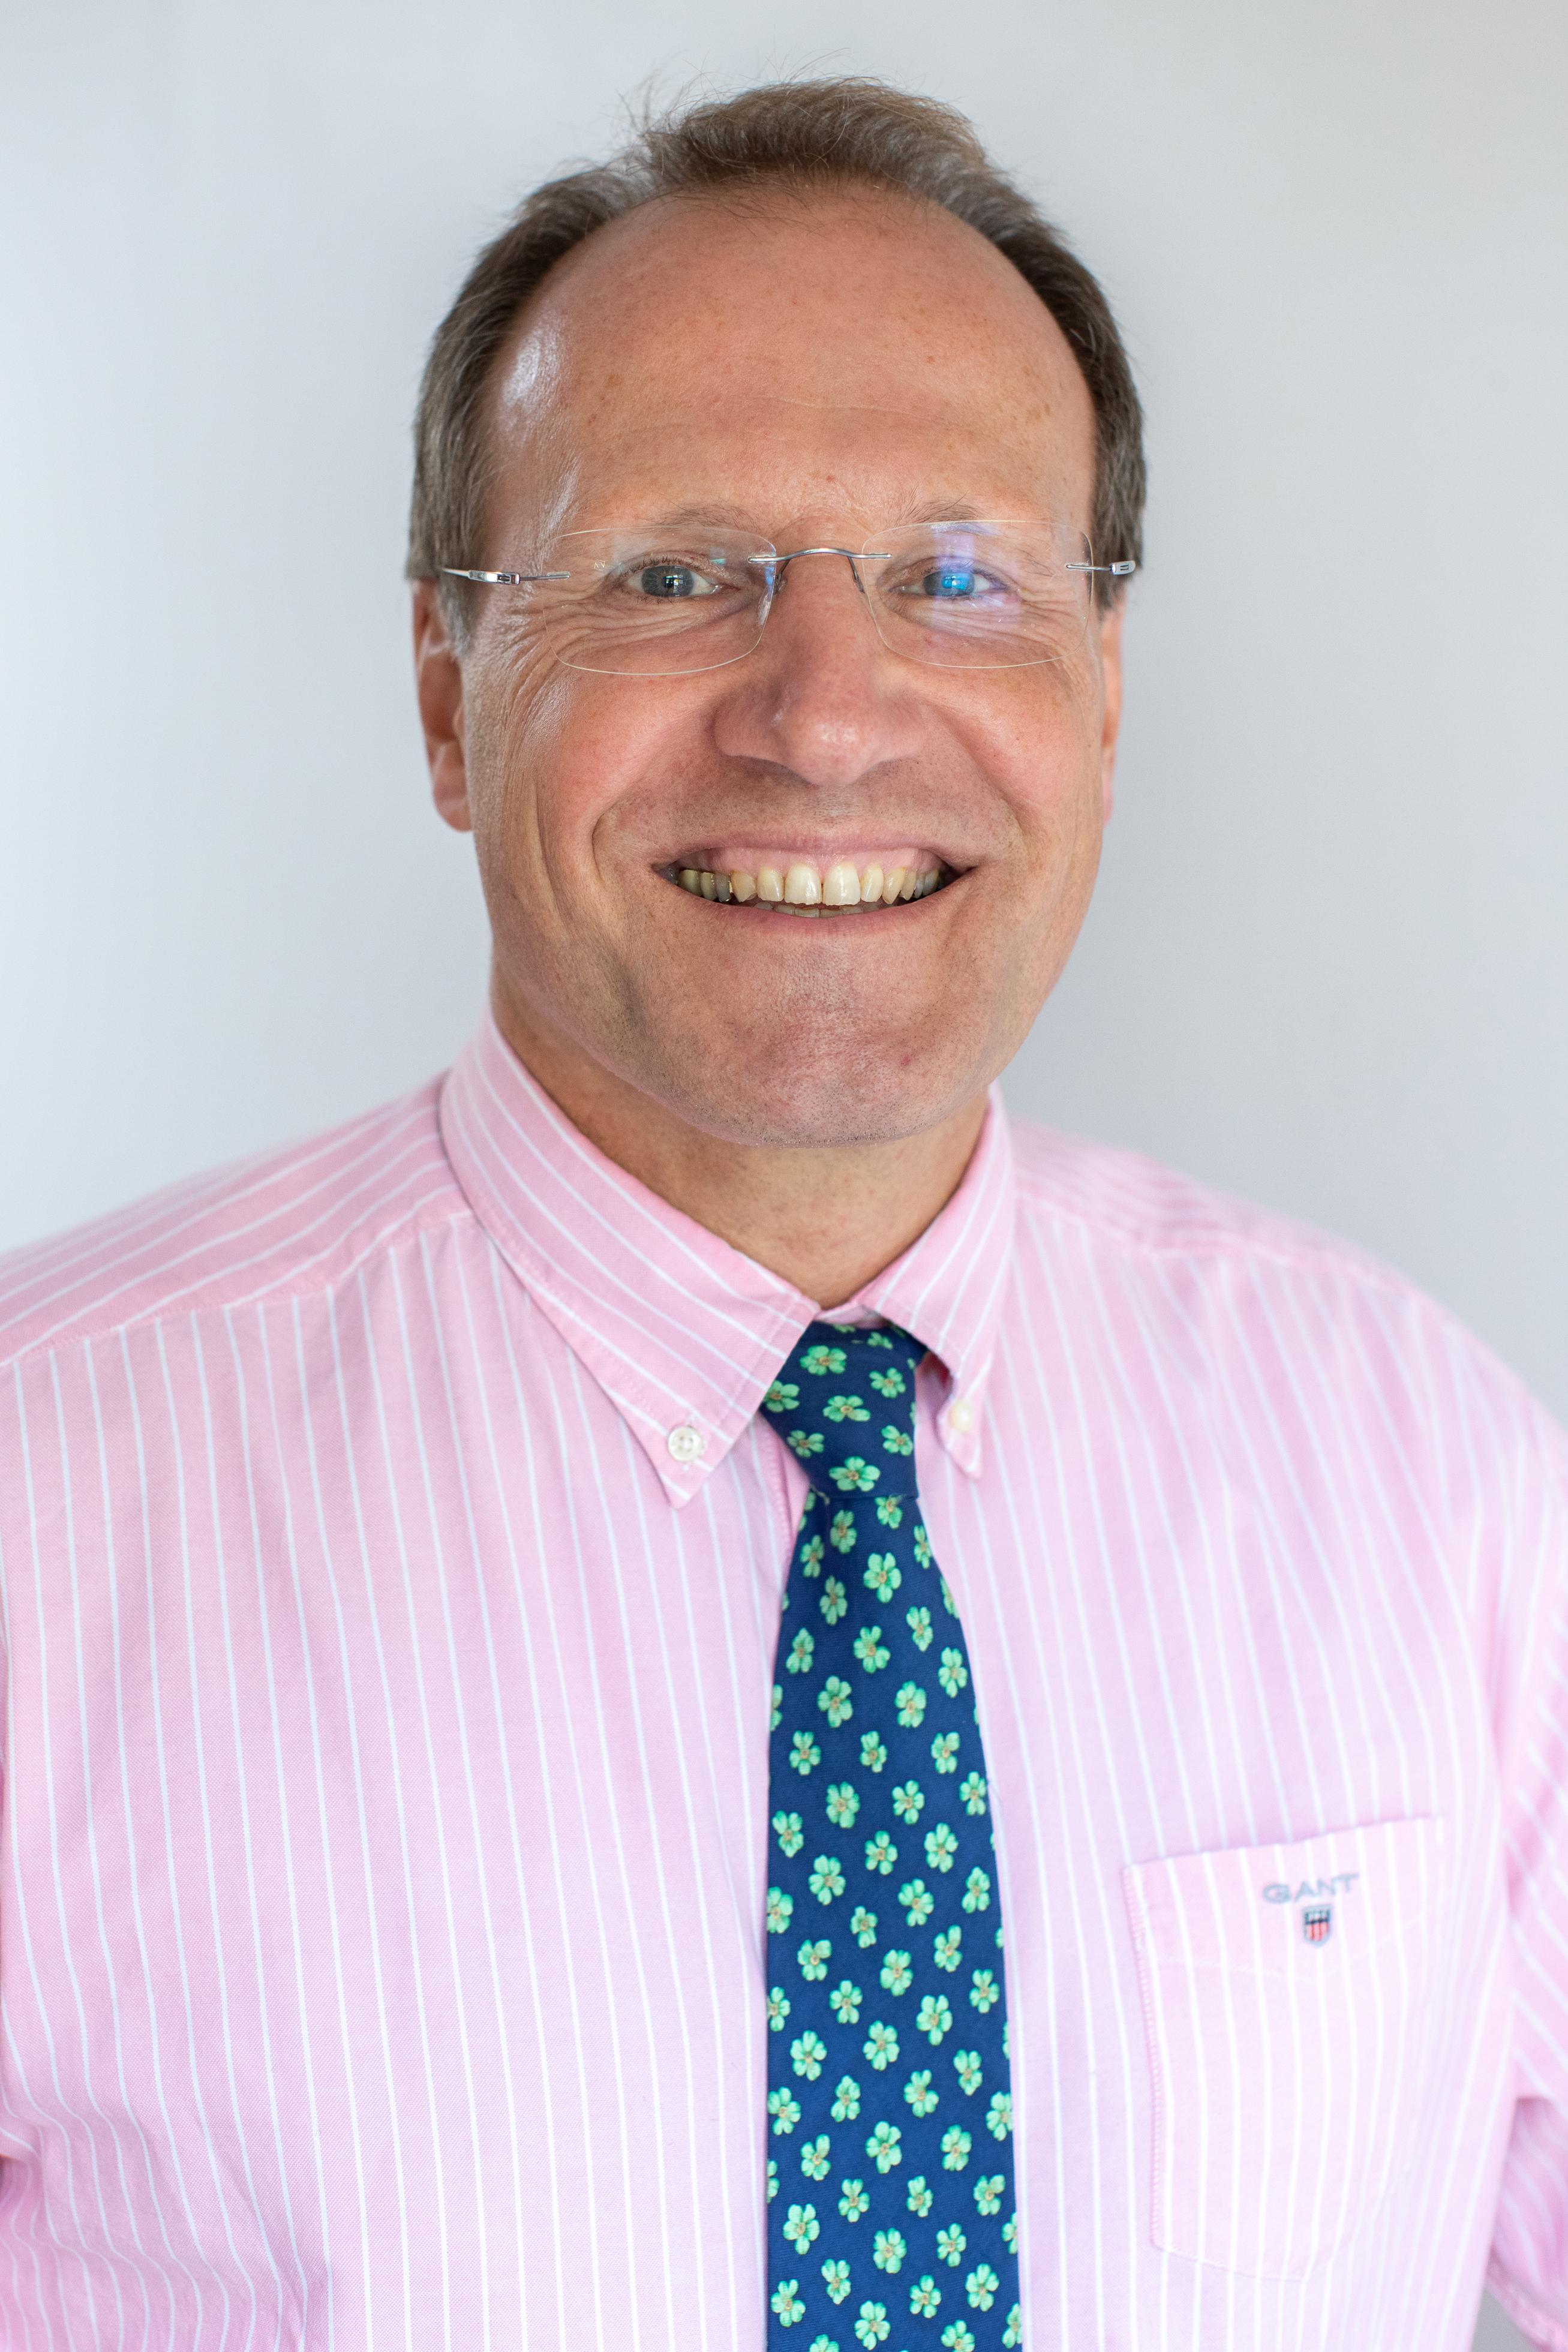 Mr Ulrich Meyer-Bothling